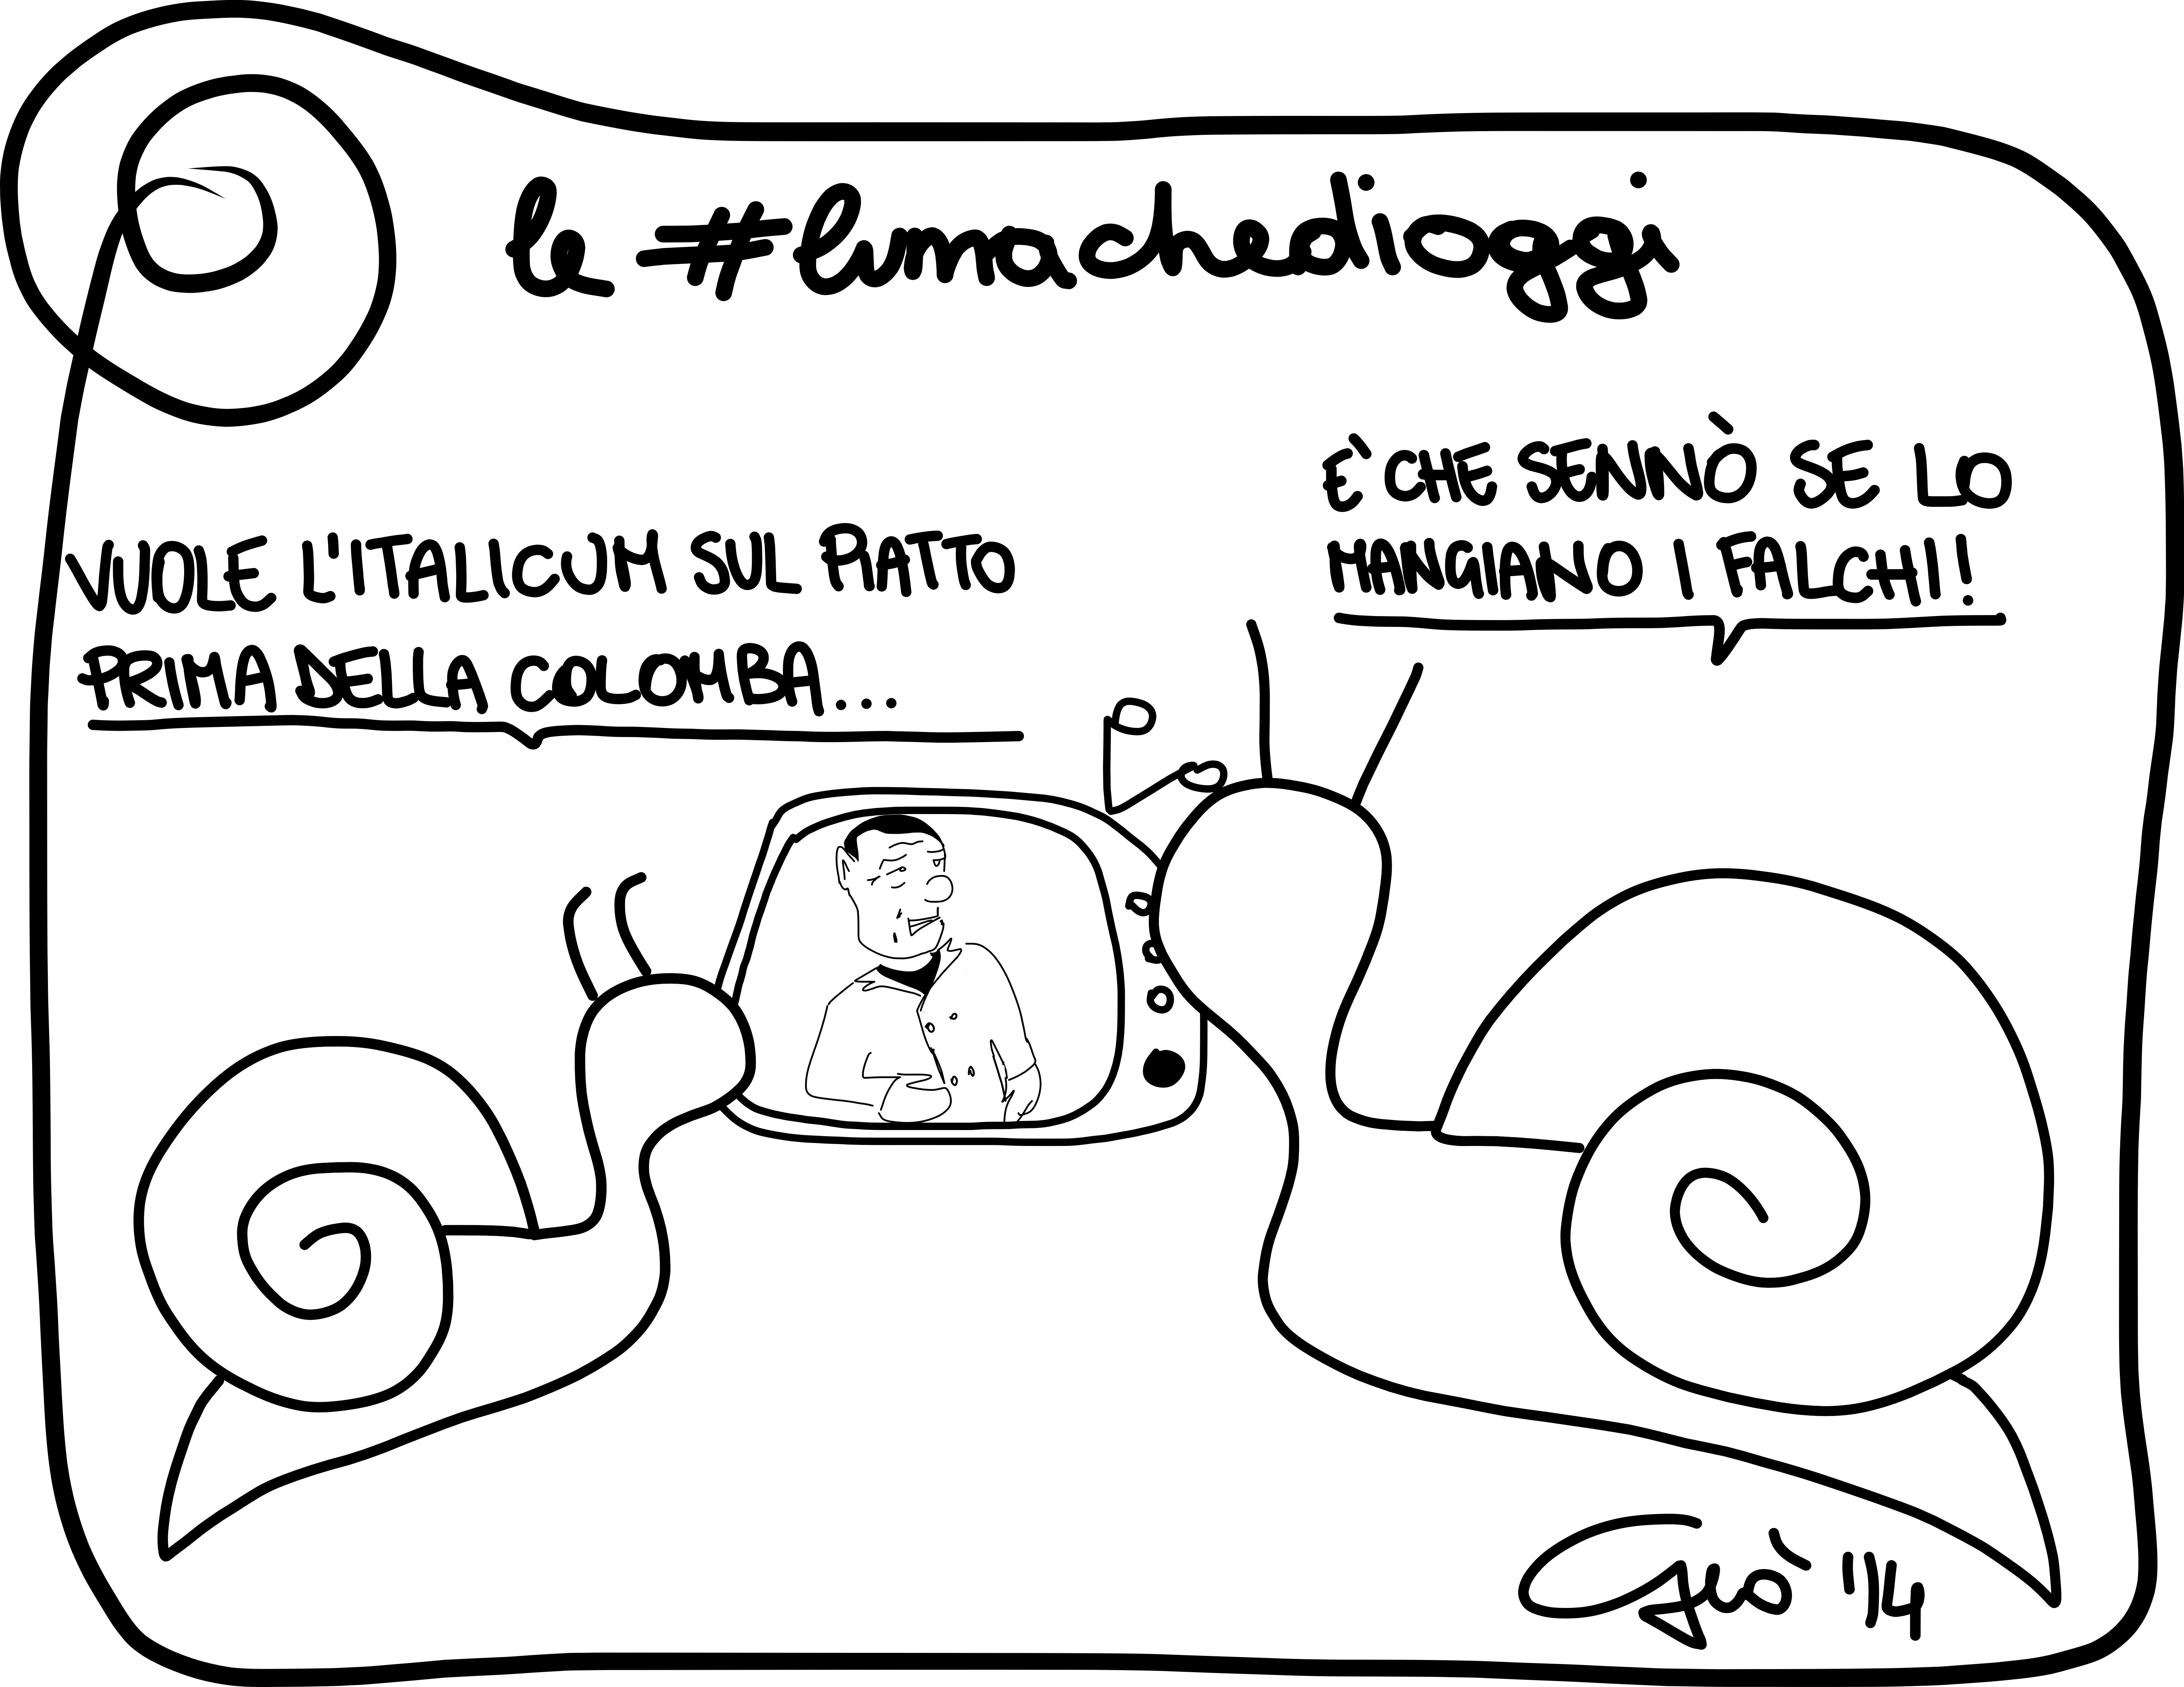 #lumachedioggi di Giovanni Laccetti del 8.4.2014